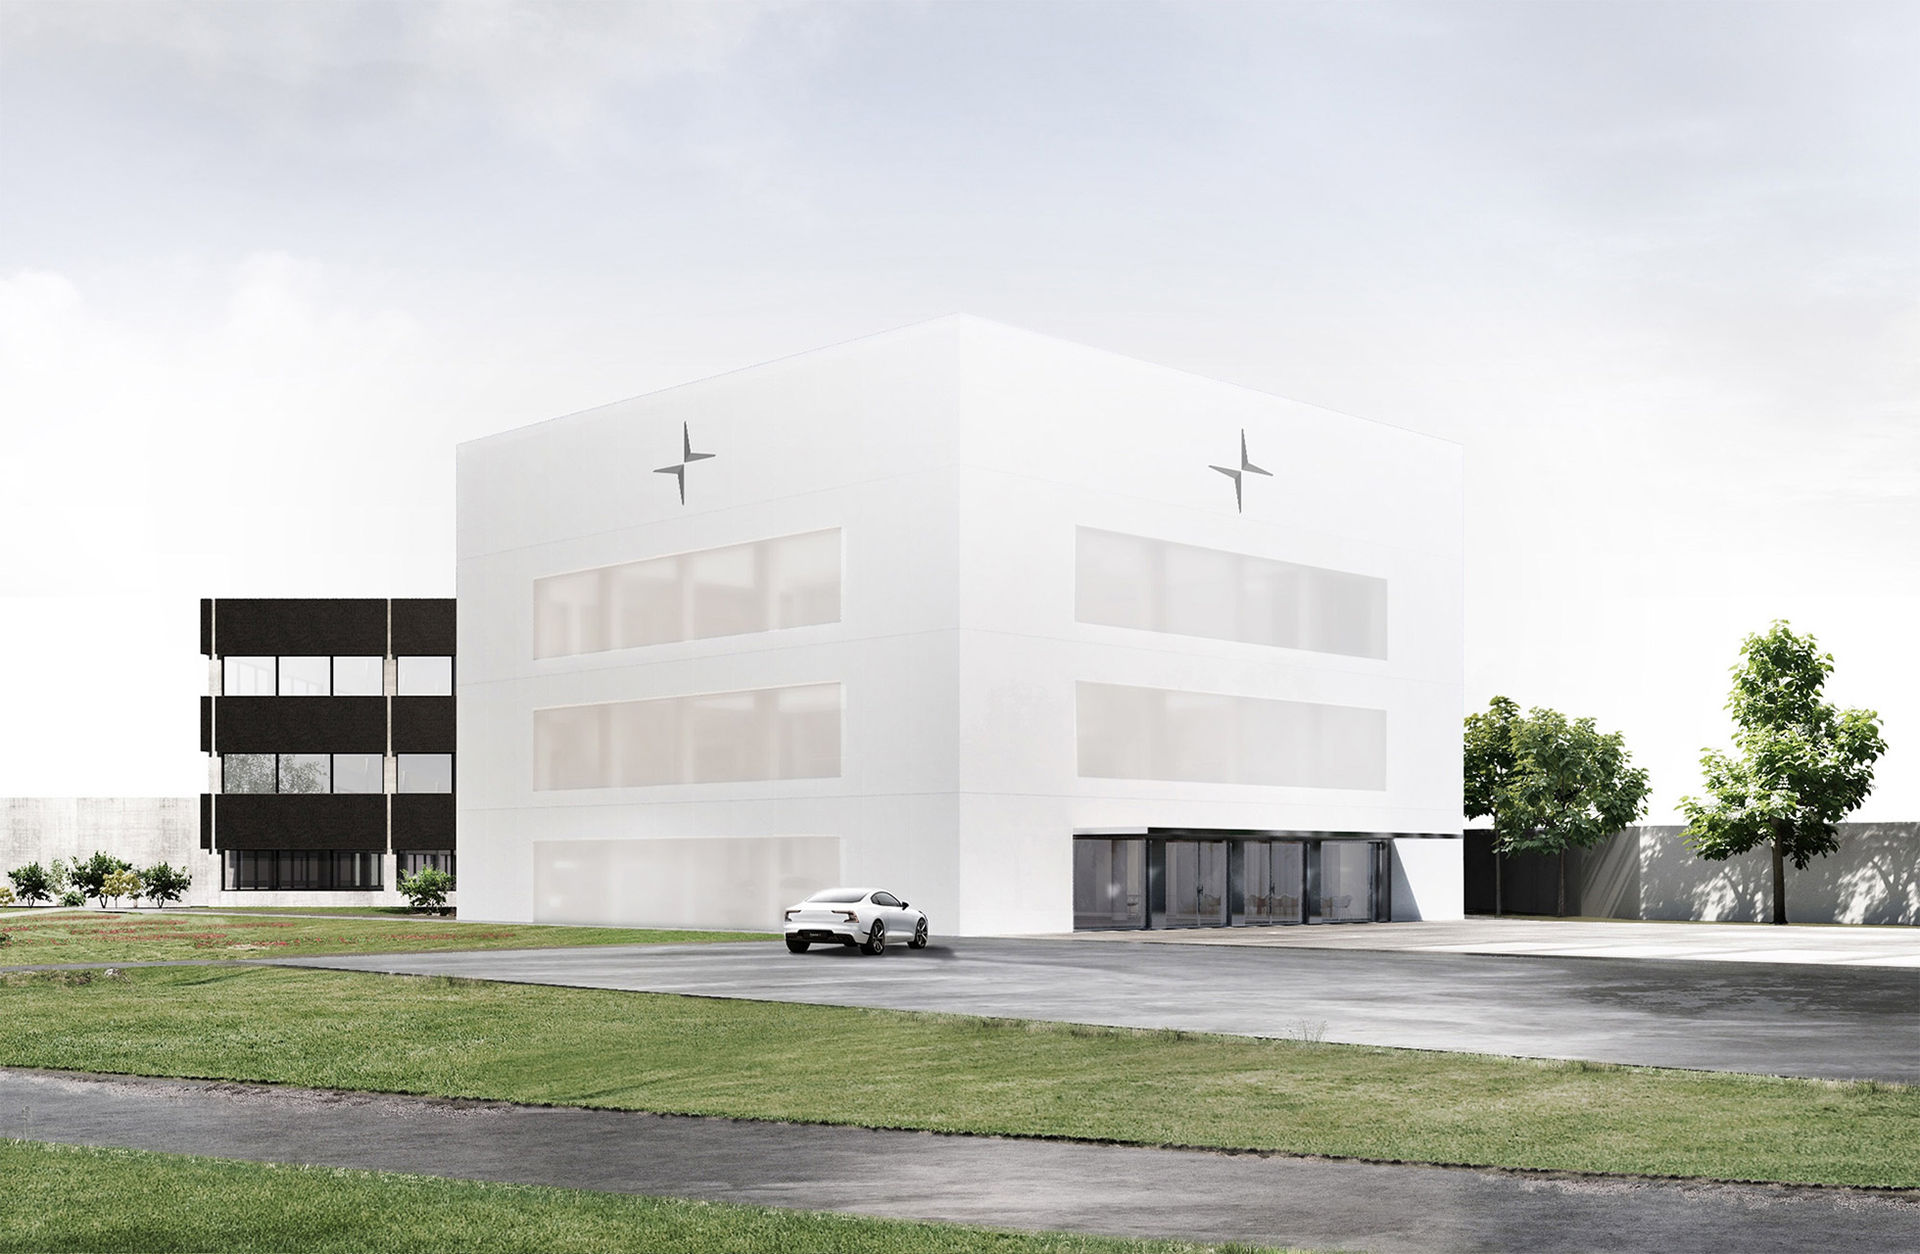 Så här kommer Polestars kontor i Torslanda att se ut